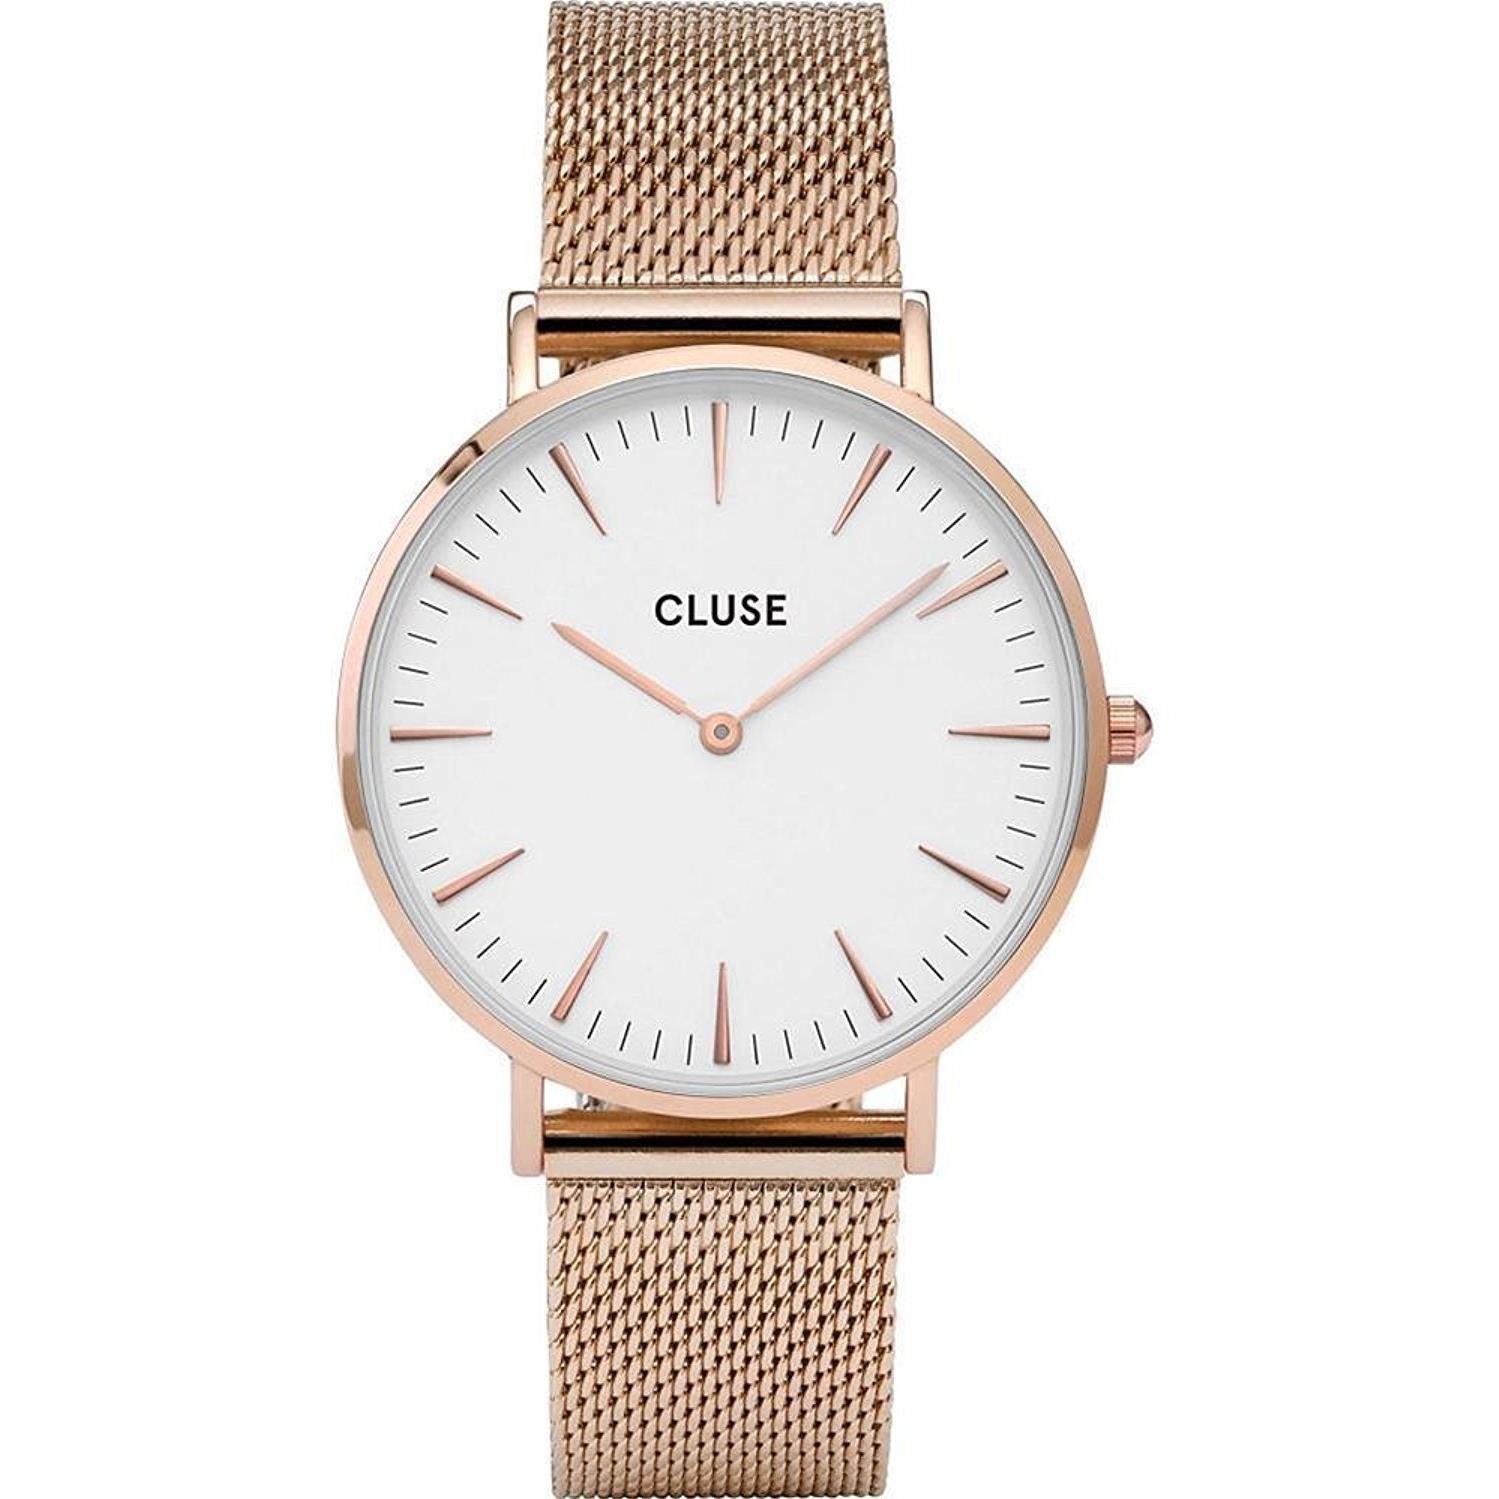 Cluse Women's La Boheme 38mm Rose Gold-Tone Steel Bracelet Metal Case Quartz White Dial Watch CL18112